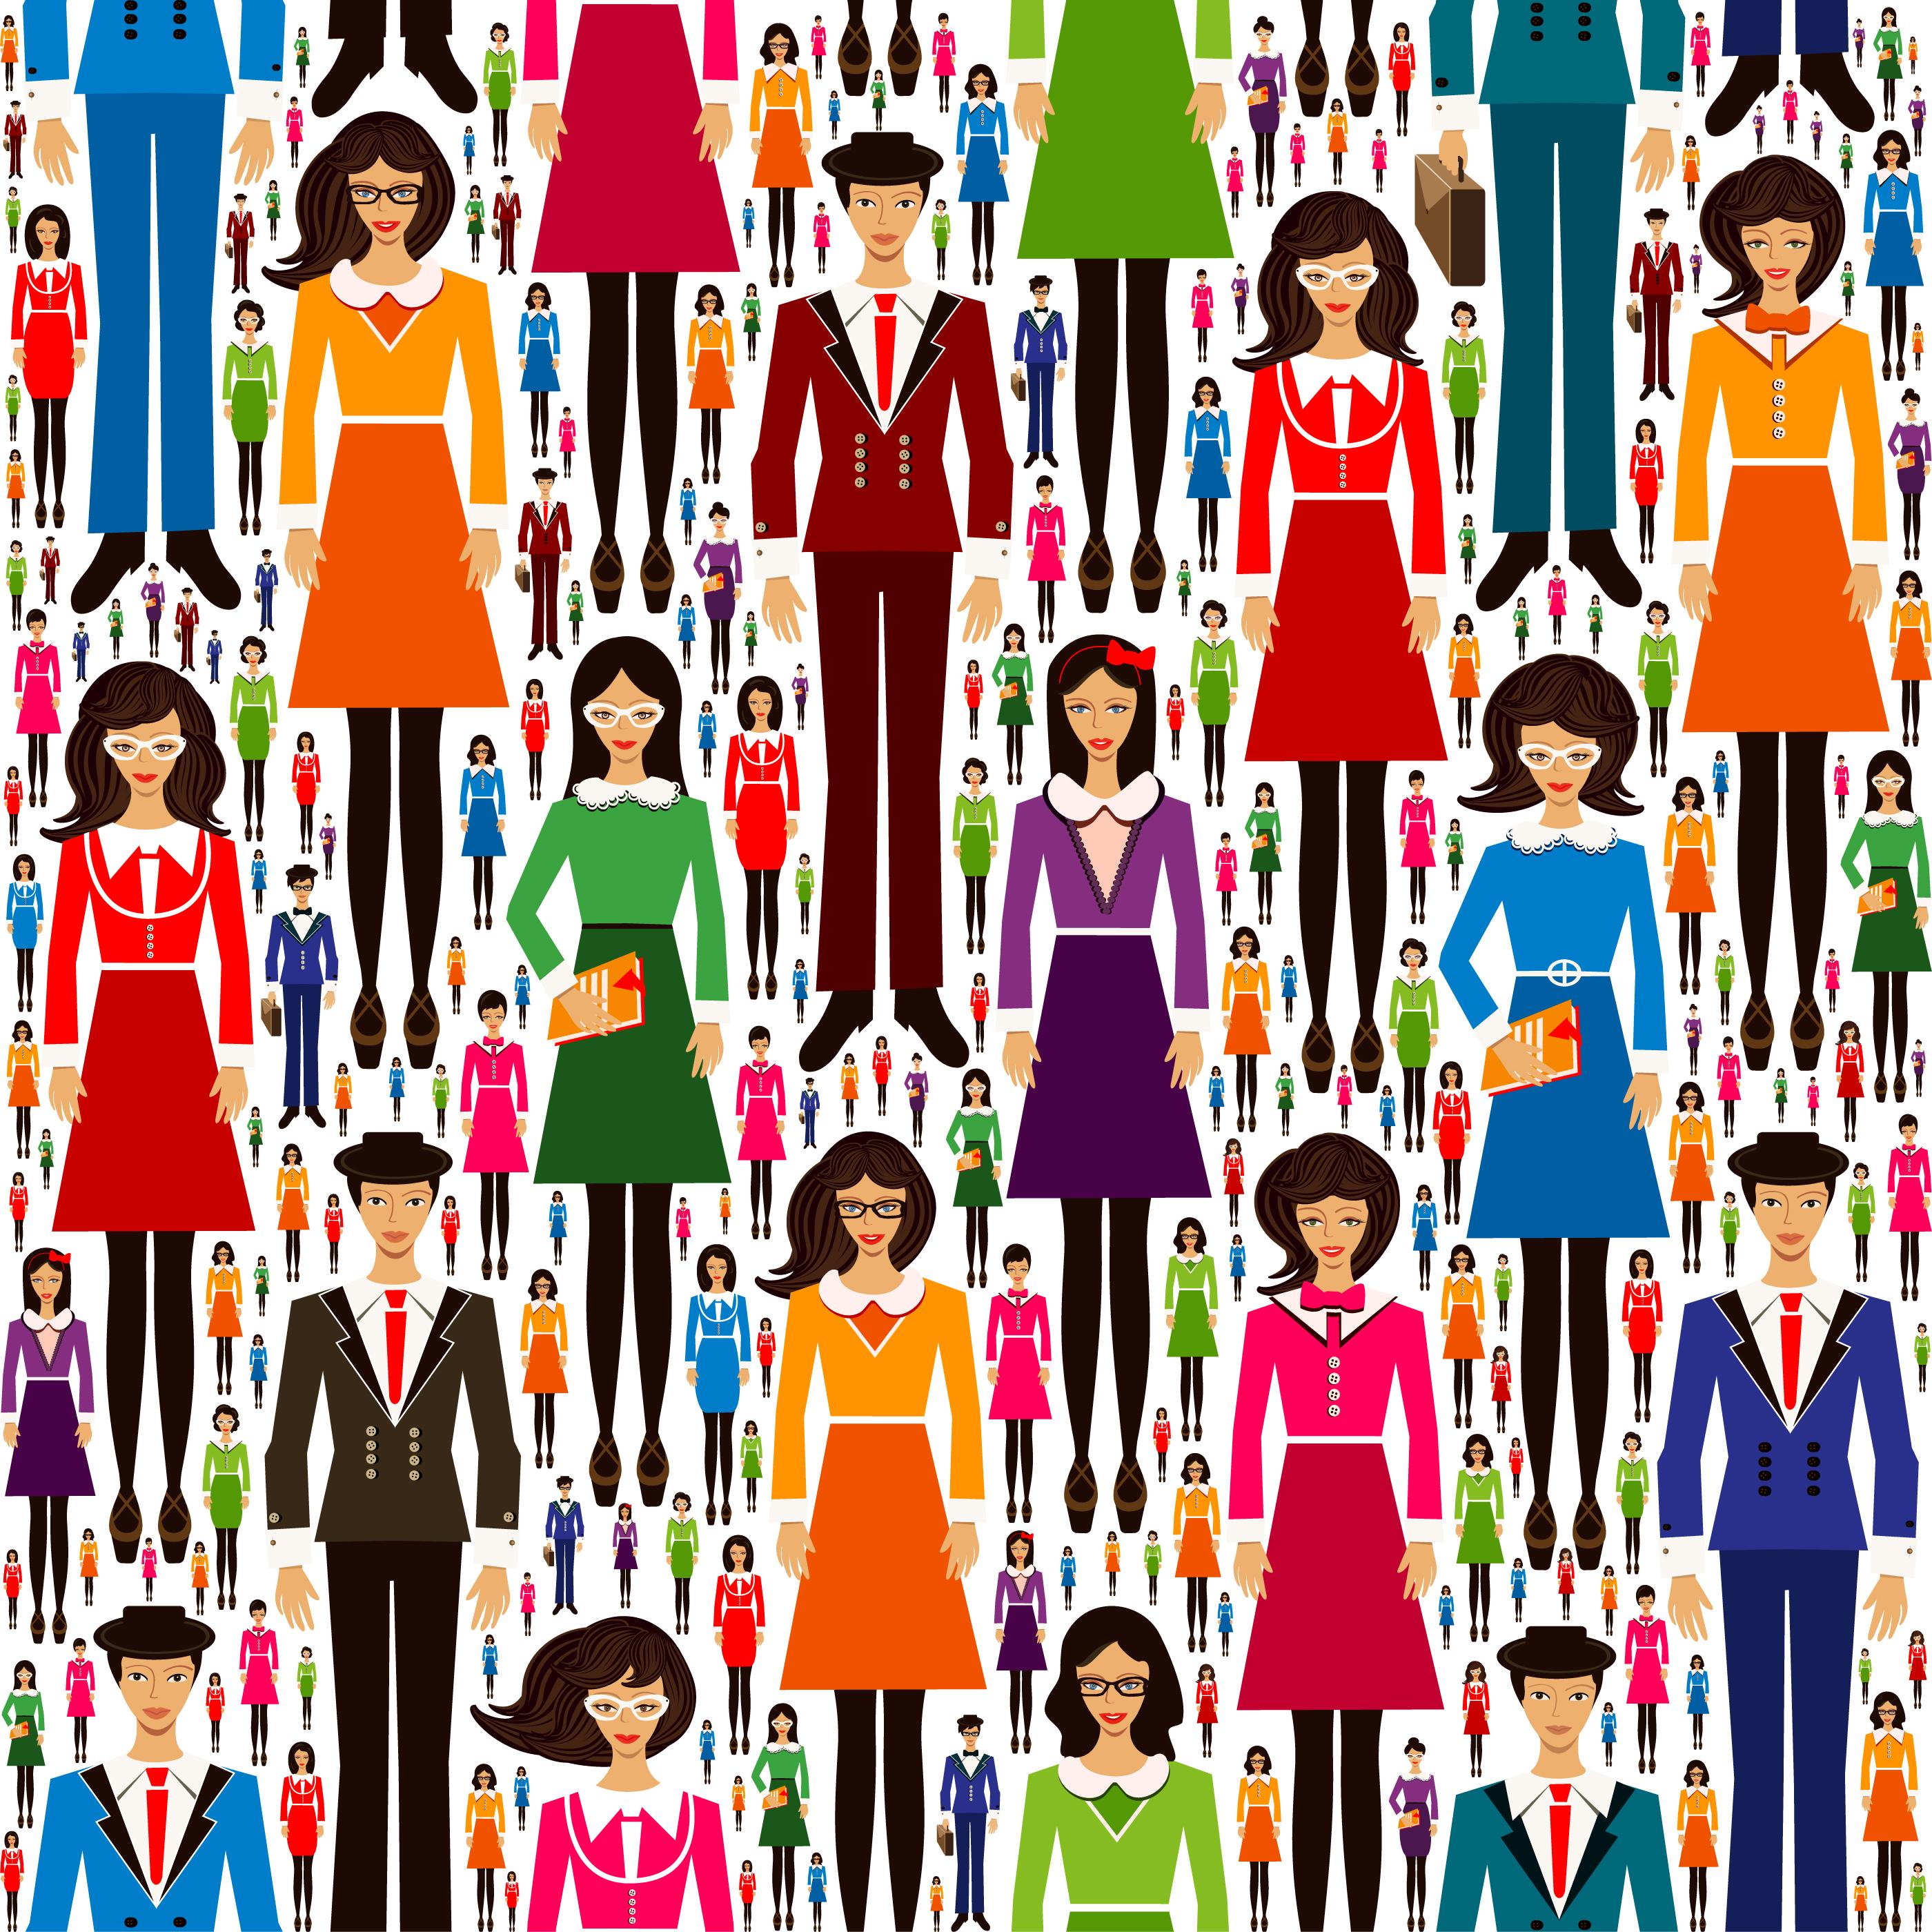 9 Social Graces And Business Etiquette Tips